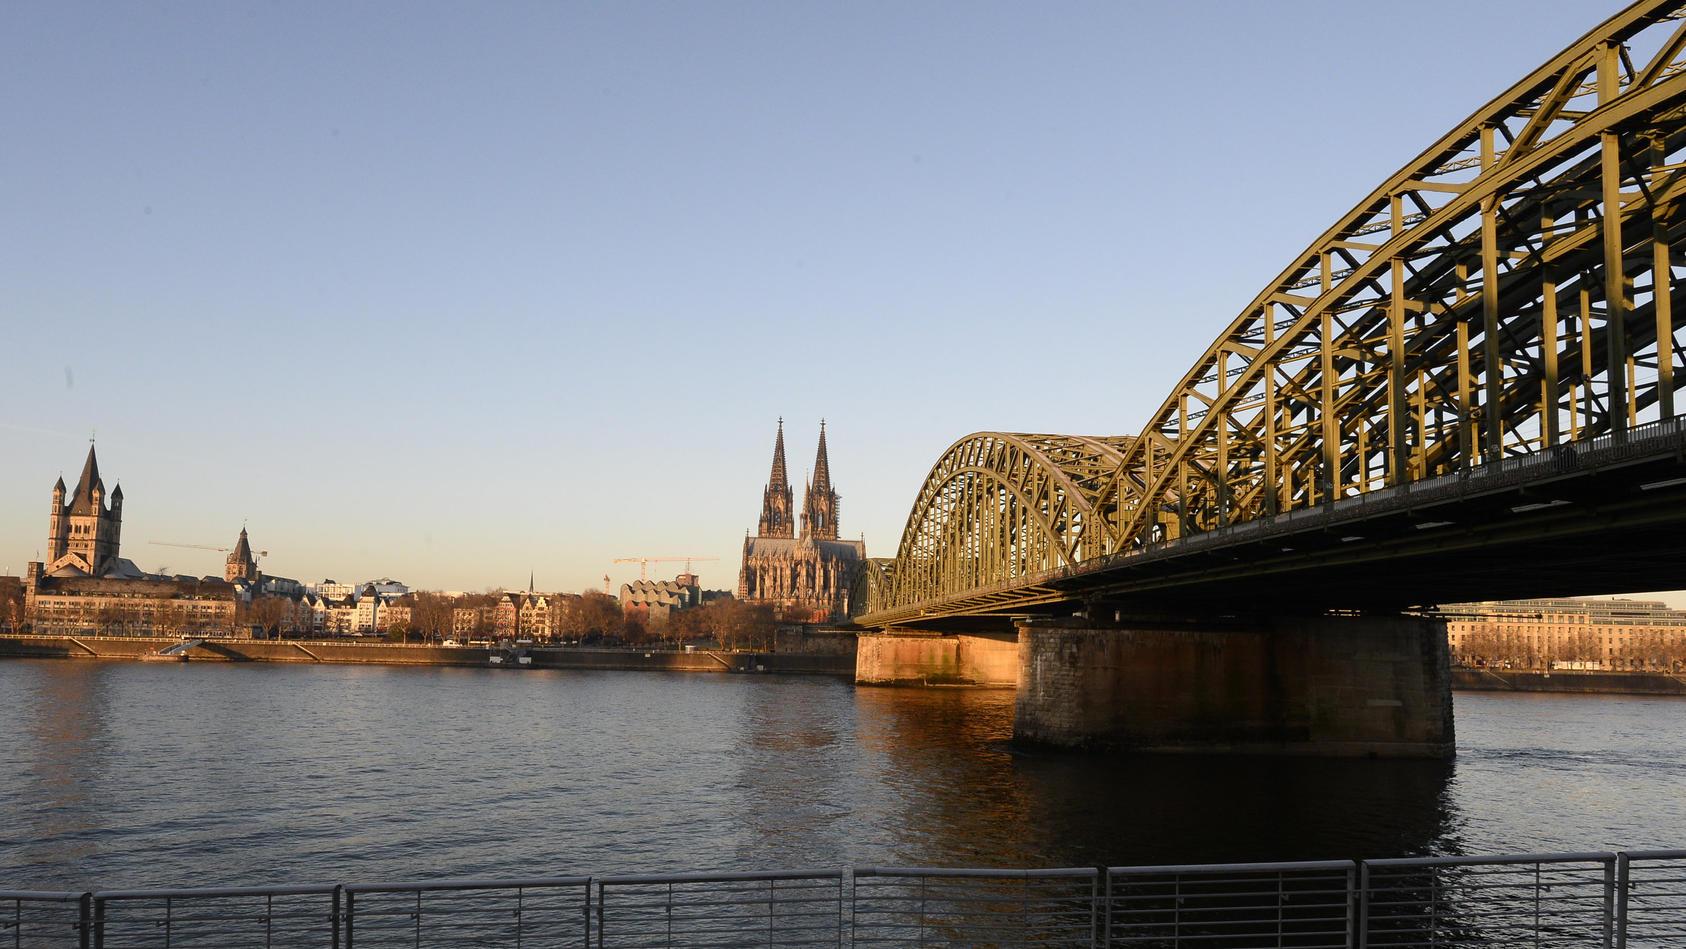 Die Uferpromenade am Rhein in Köln ist ein beliebtes Fotomotiv bei Touristen.